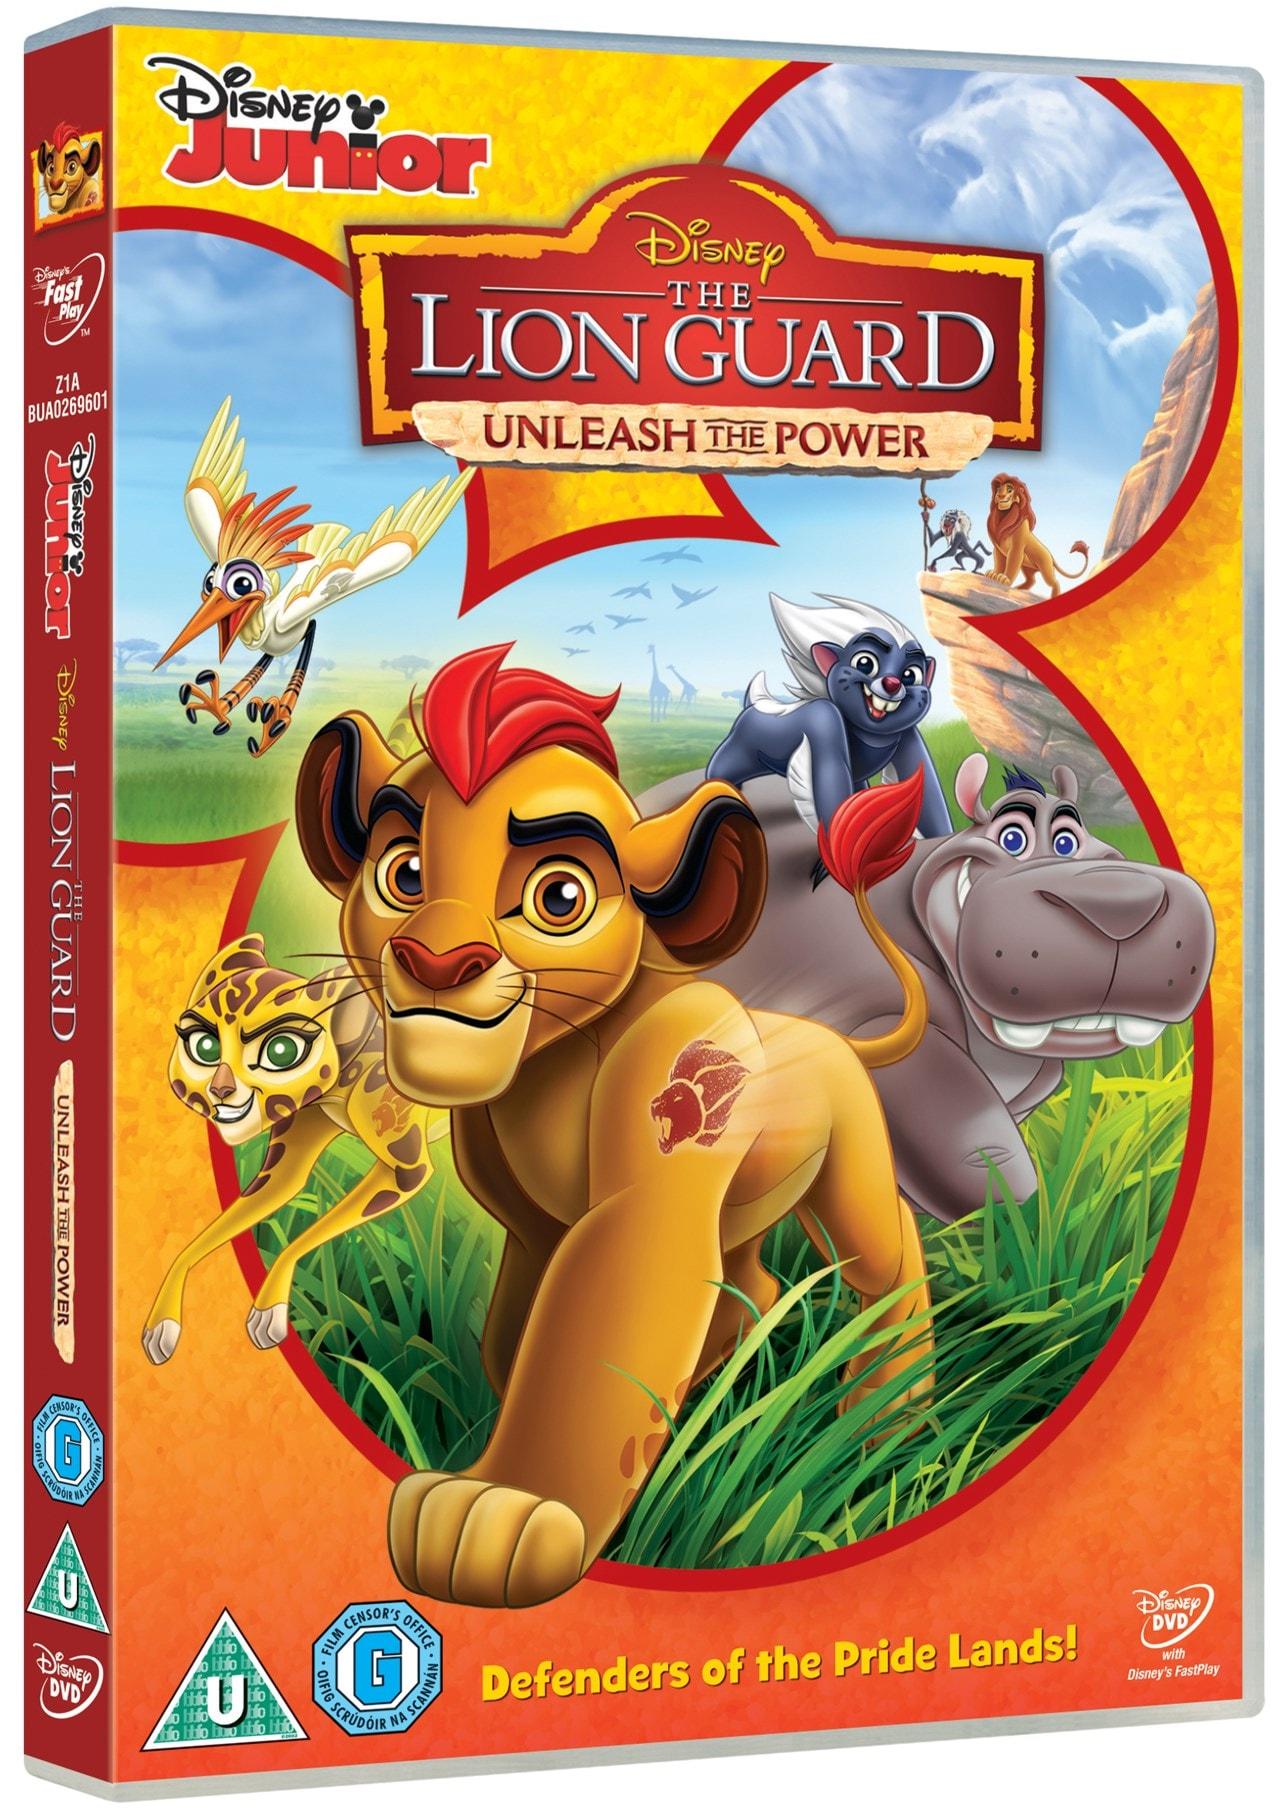 The Lion Guard - Unleash the Power - 2